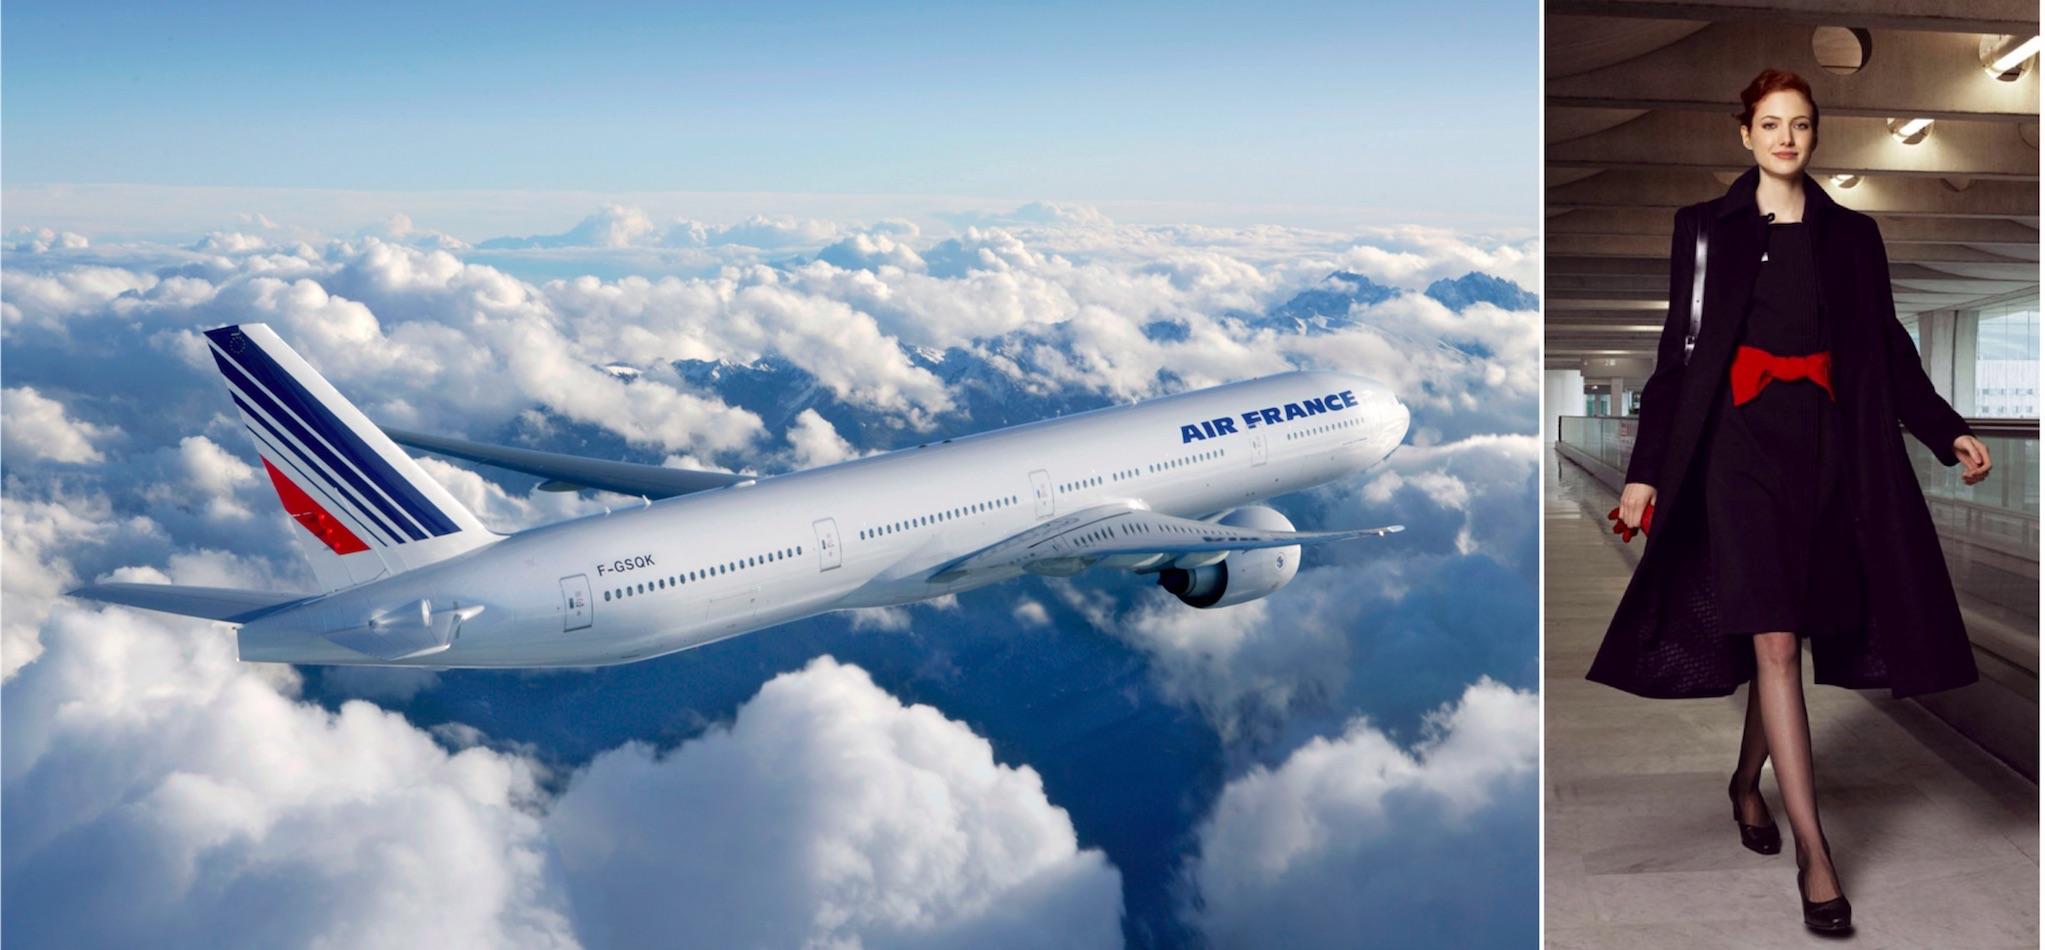 Елегантна безпека від Air France